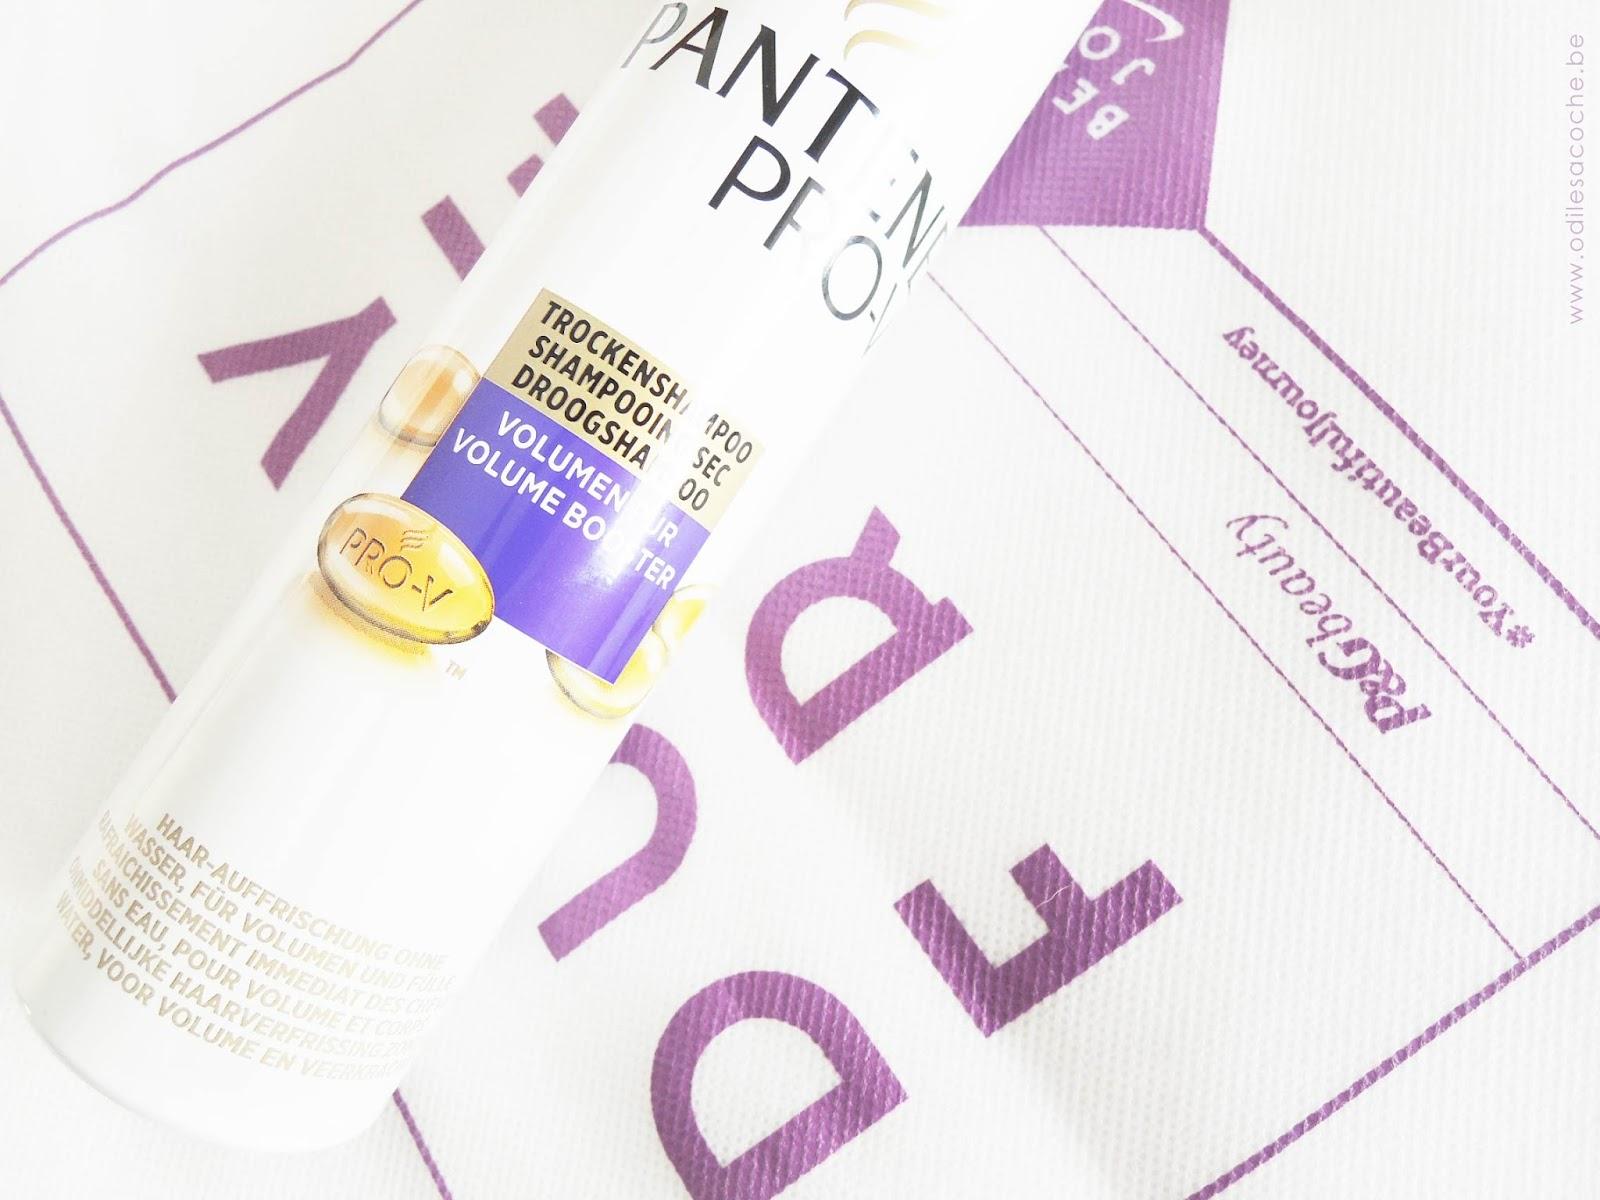 shampoing sec pro V